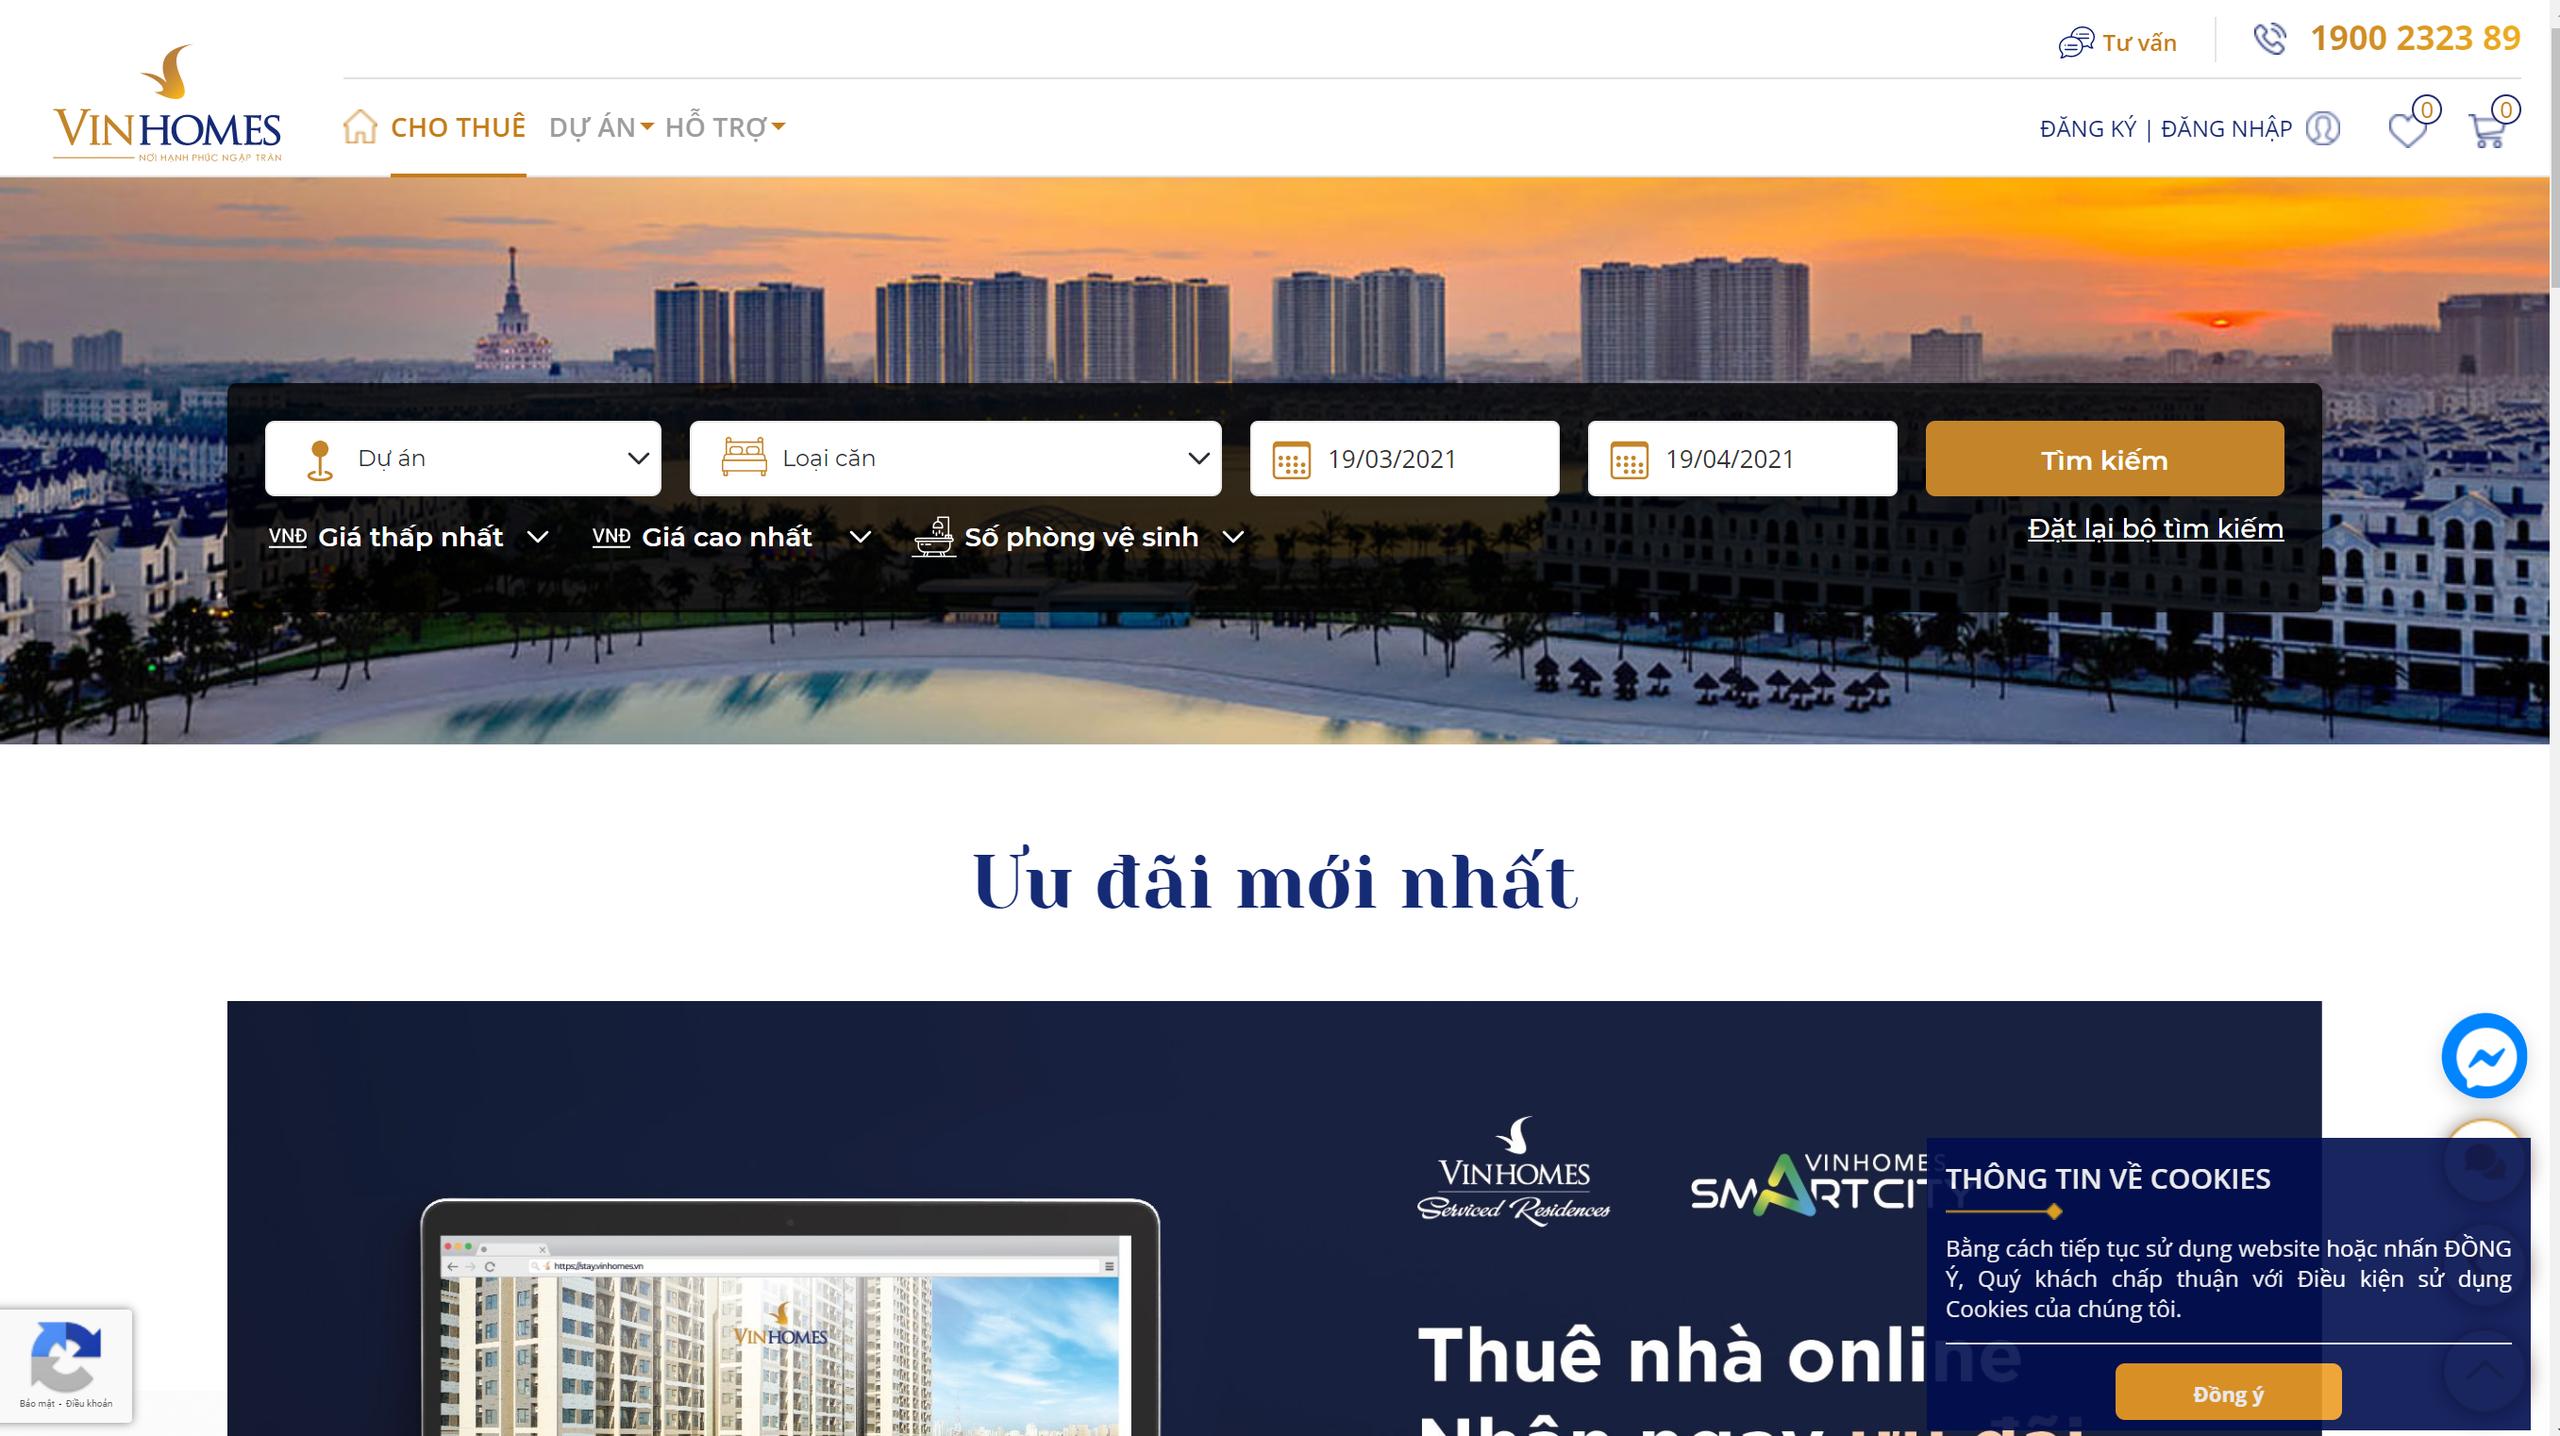 Vinhomes ra mắt sàn giao dịch thuê nhà online - Ảnh 1.